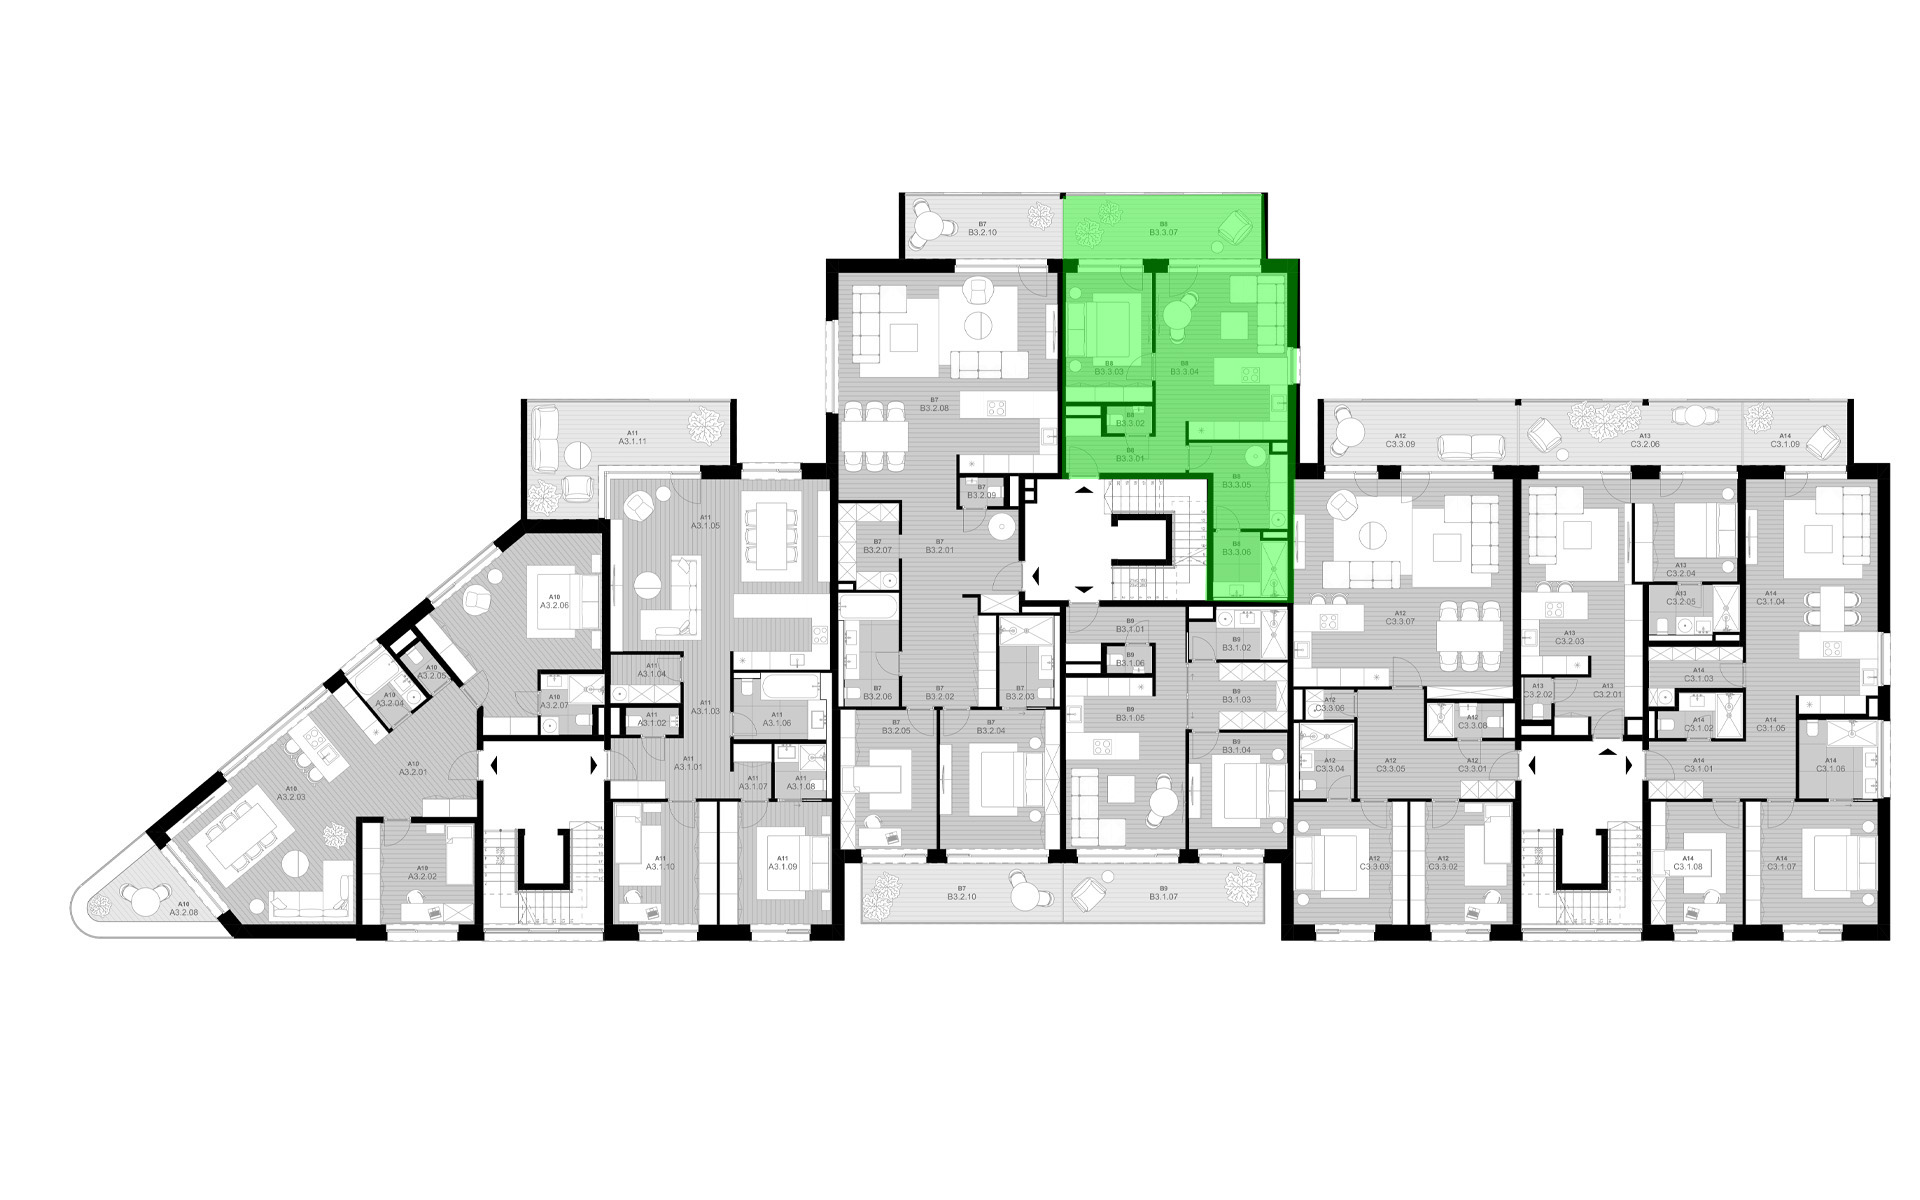 rezidencia K Železnej Studienke - pôdorys so zvýraznením bytu B3.3